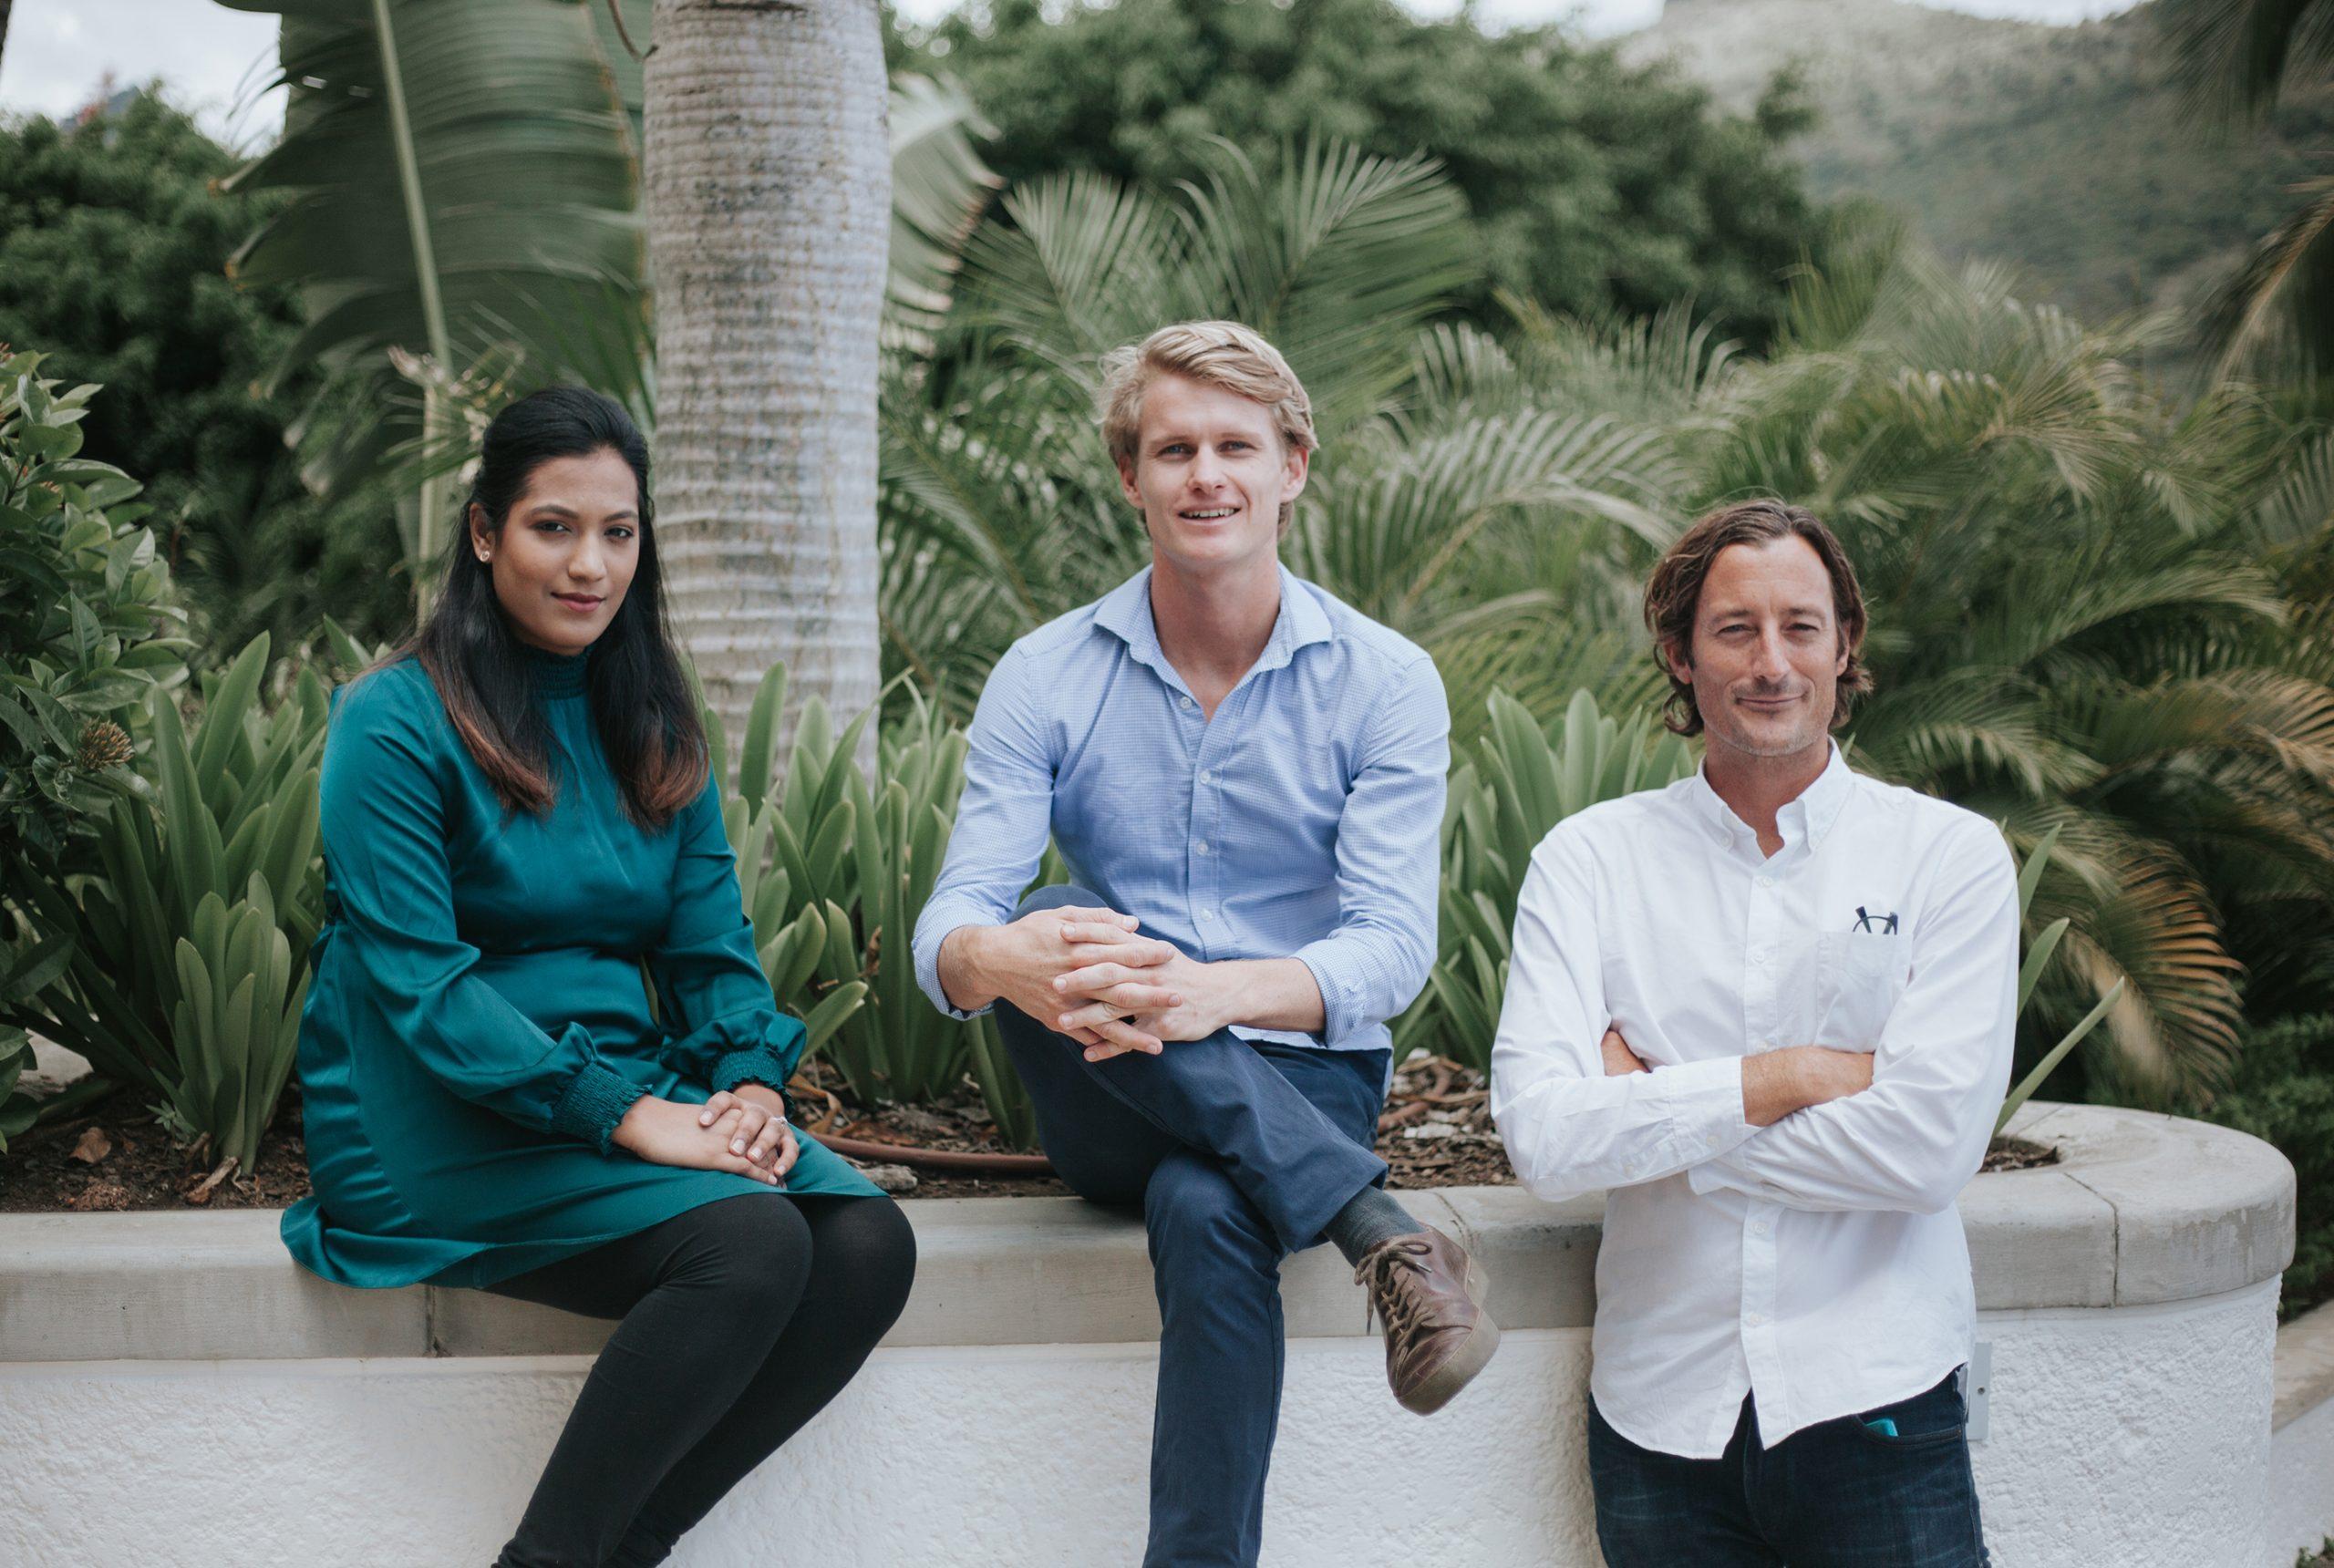 (de gauche à droite : Soomairah Dowlut – Financial Controller, Esben Raffray - Operation Manager et Christopher Rainer - Fondateur and Directeur)